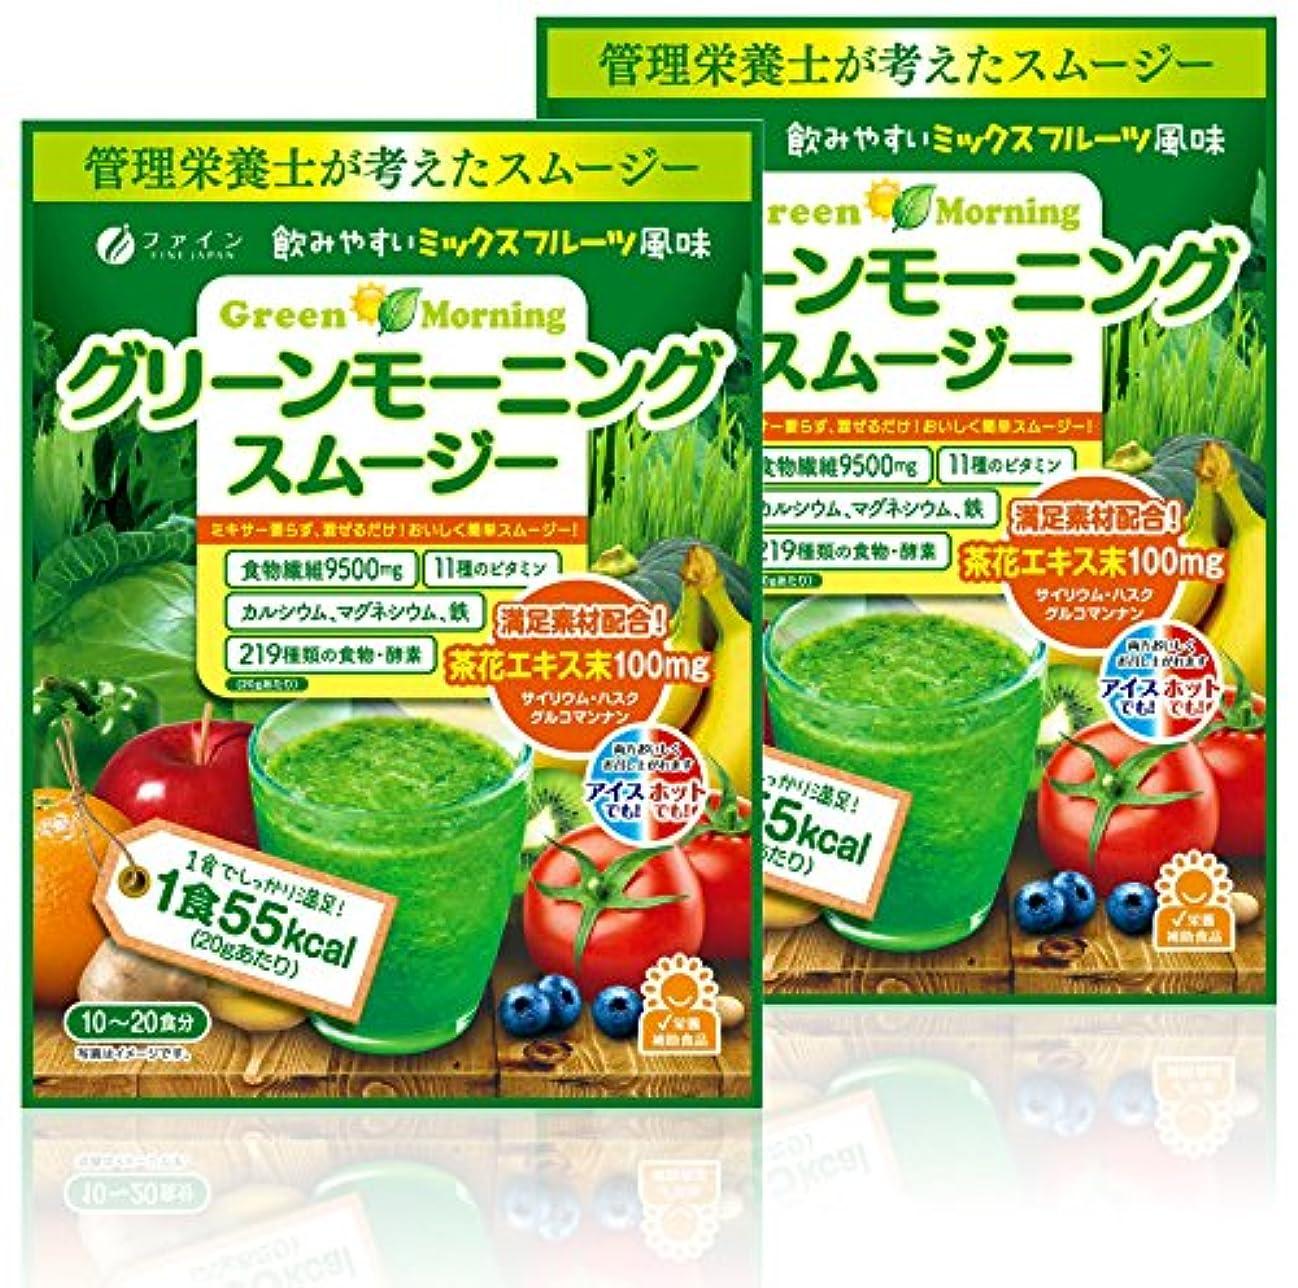 畝間理容師ラフトファイン グリーンモーニングスムージー 食物繊維9.5g 植物酵素配合 (200g入)×2袋セット